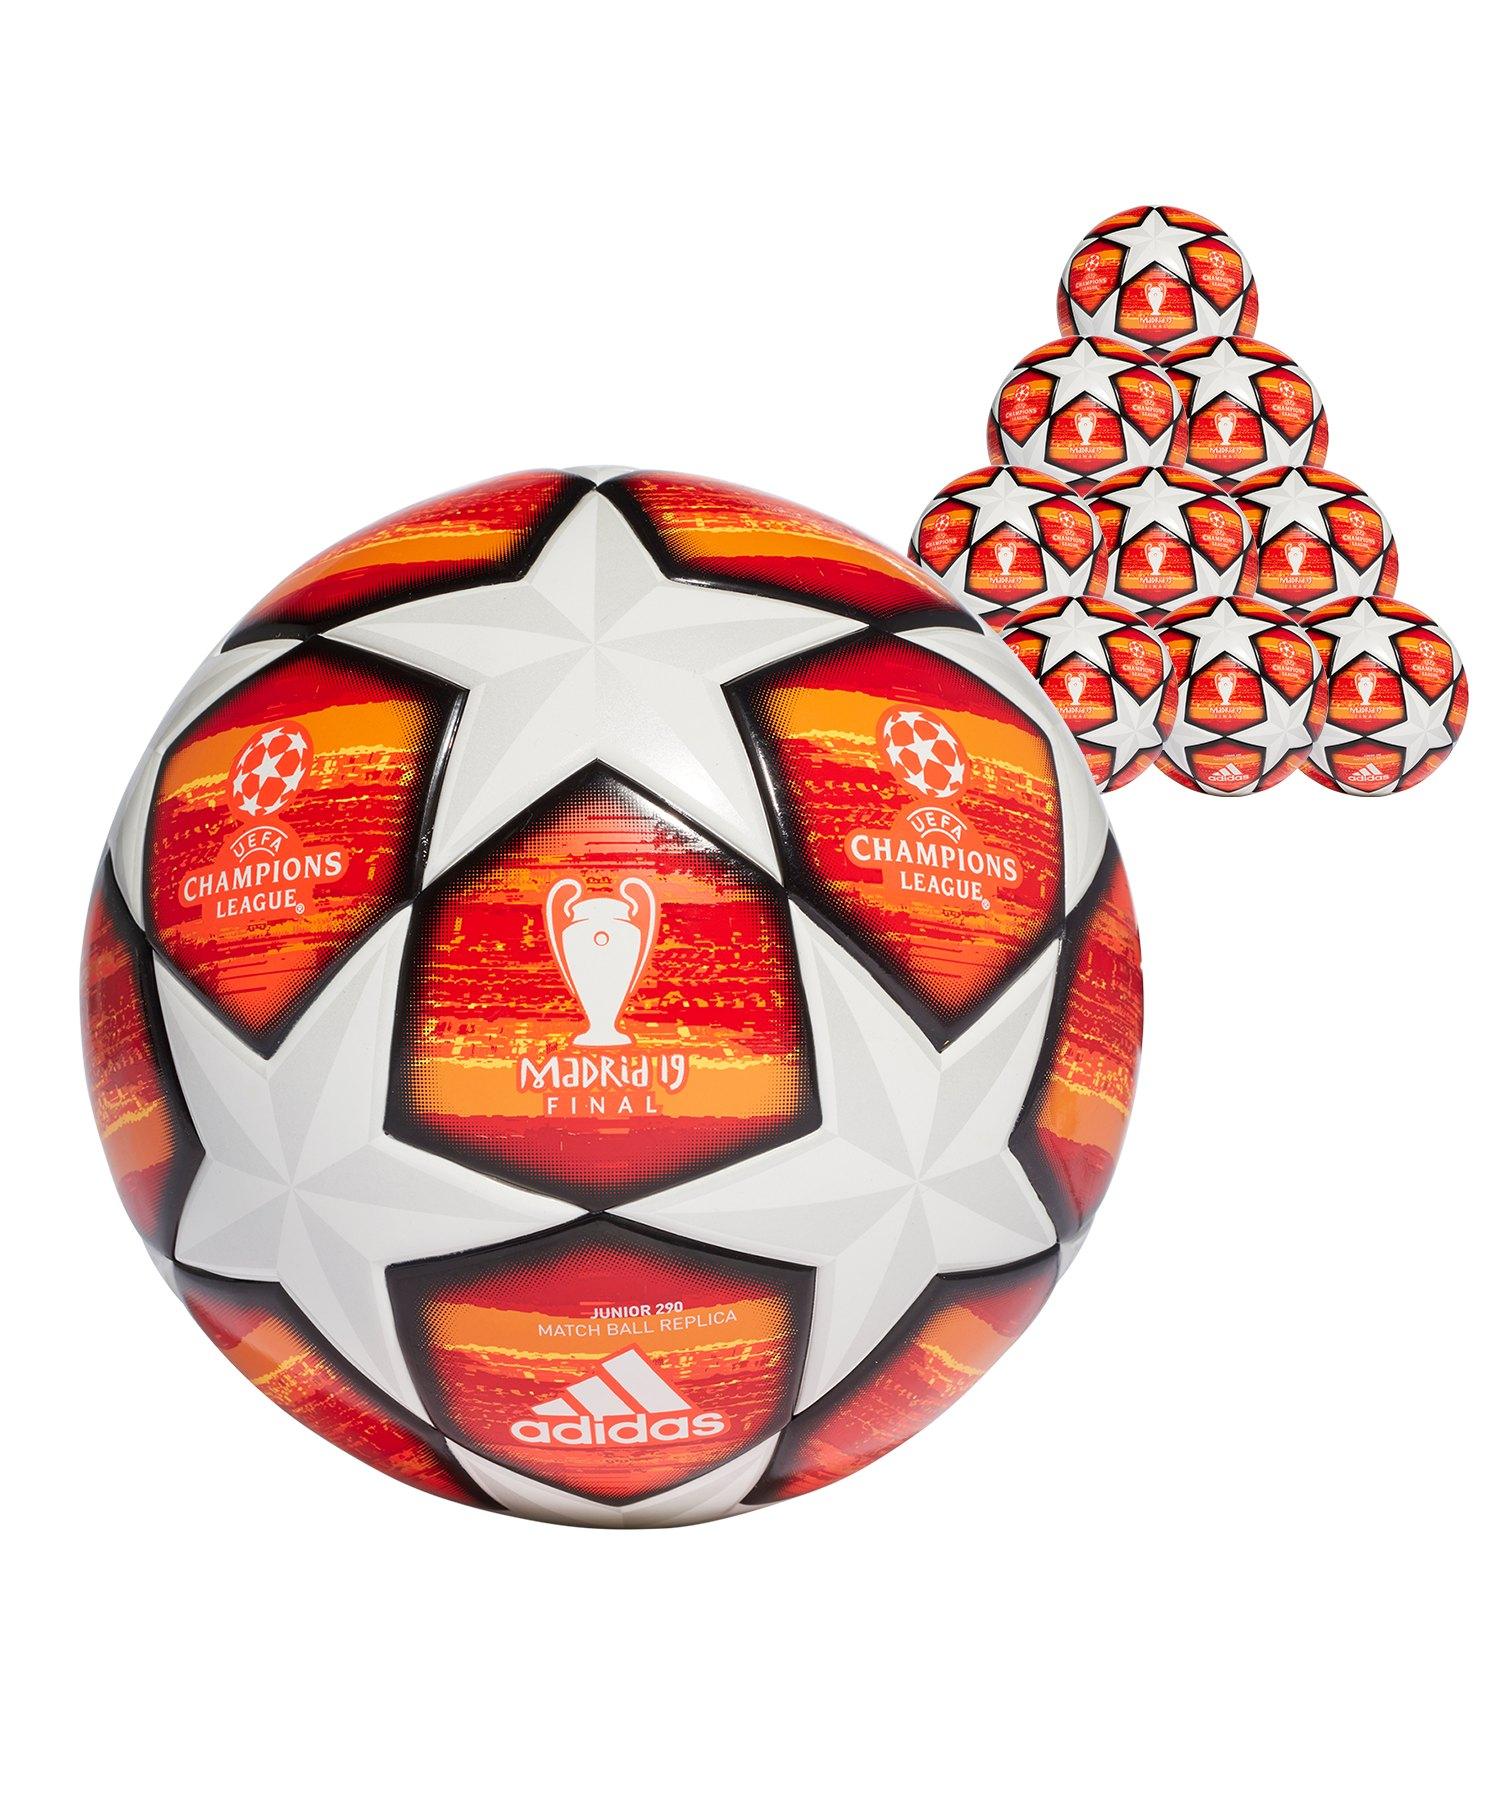 adidas Finale 20x Lightball 290 Gramm Gr.5 Weiss - weiss